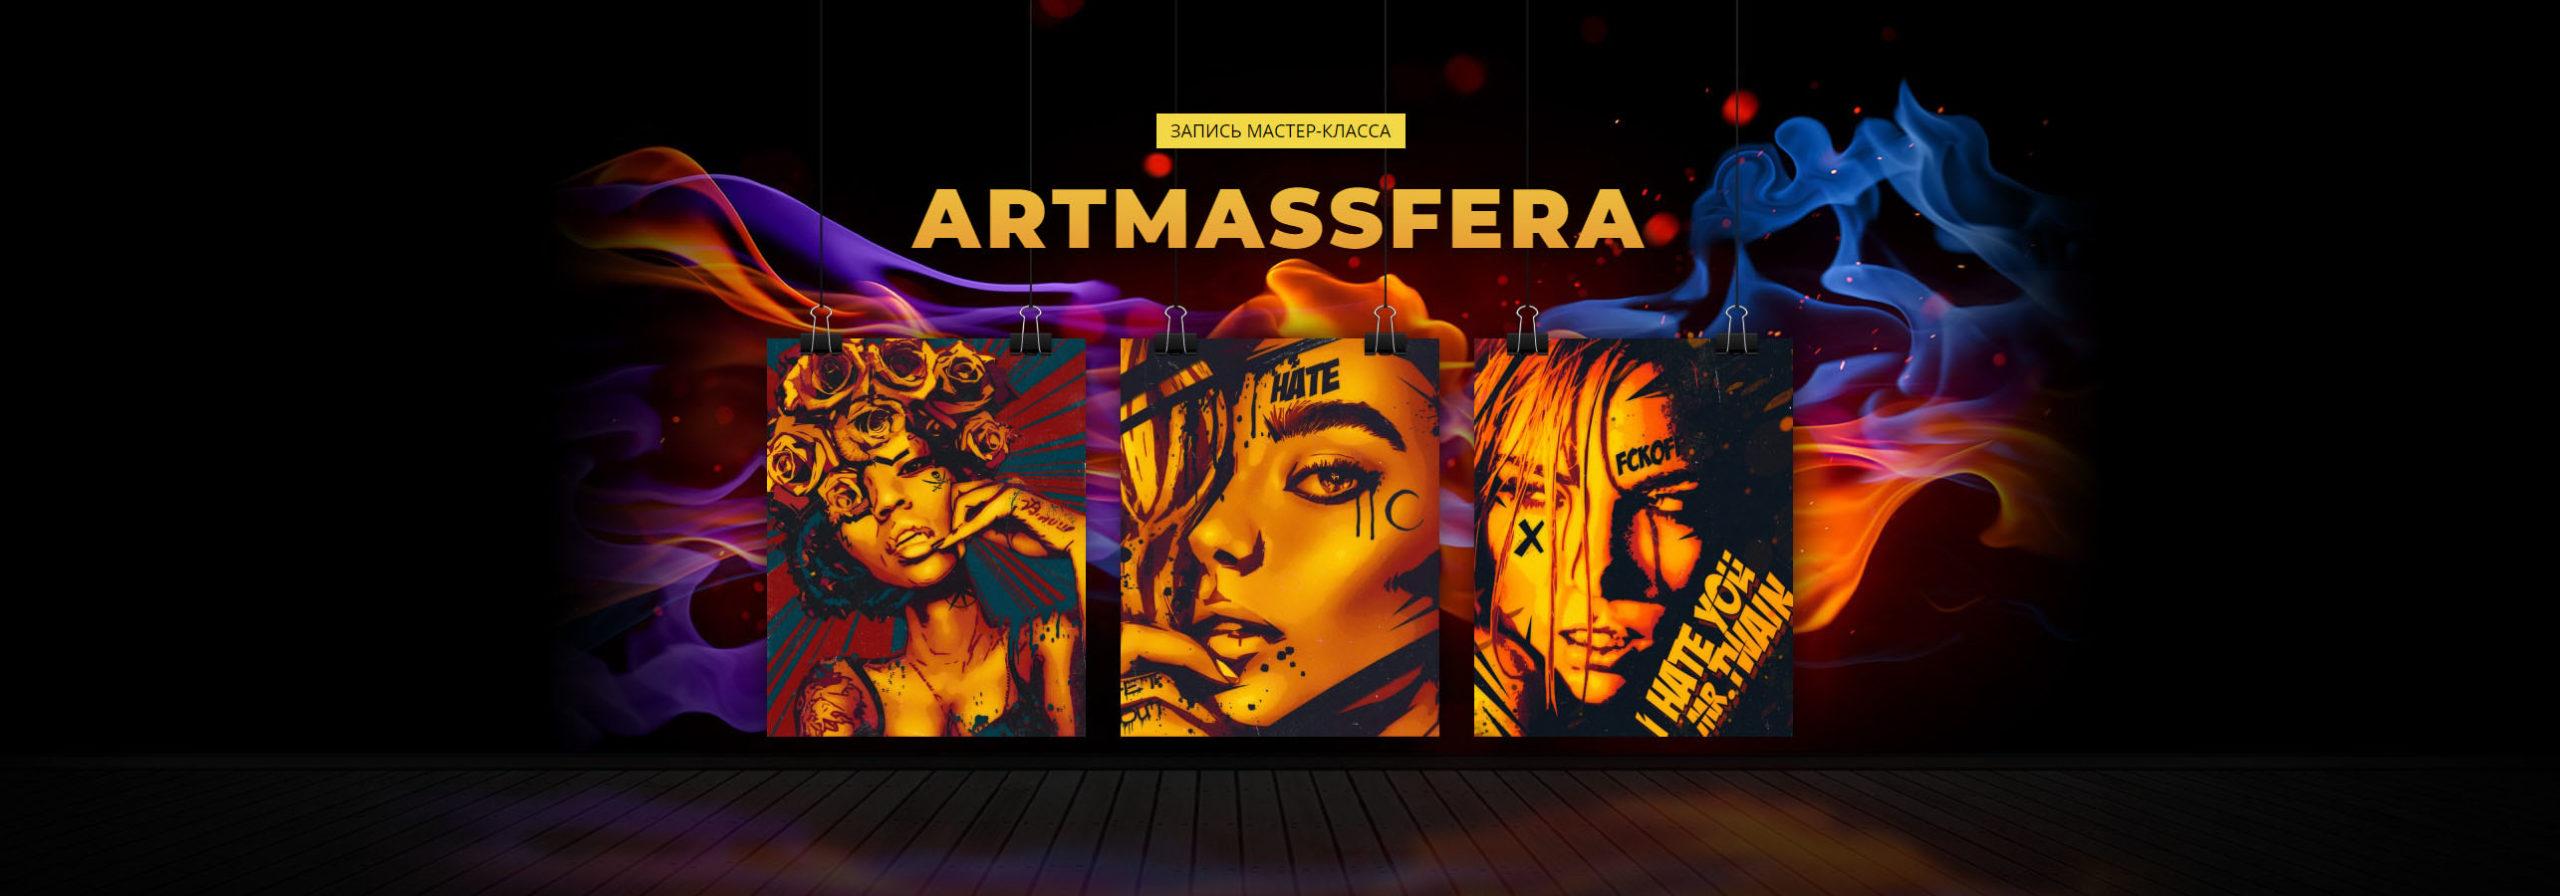 Artmassfera в стиле pop–art для помещения